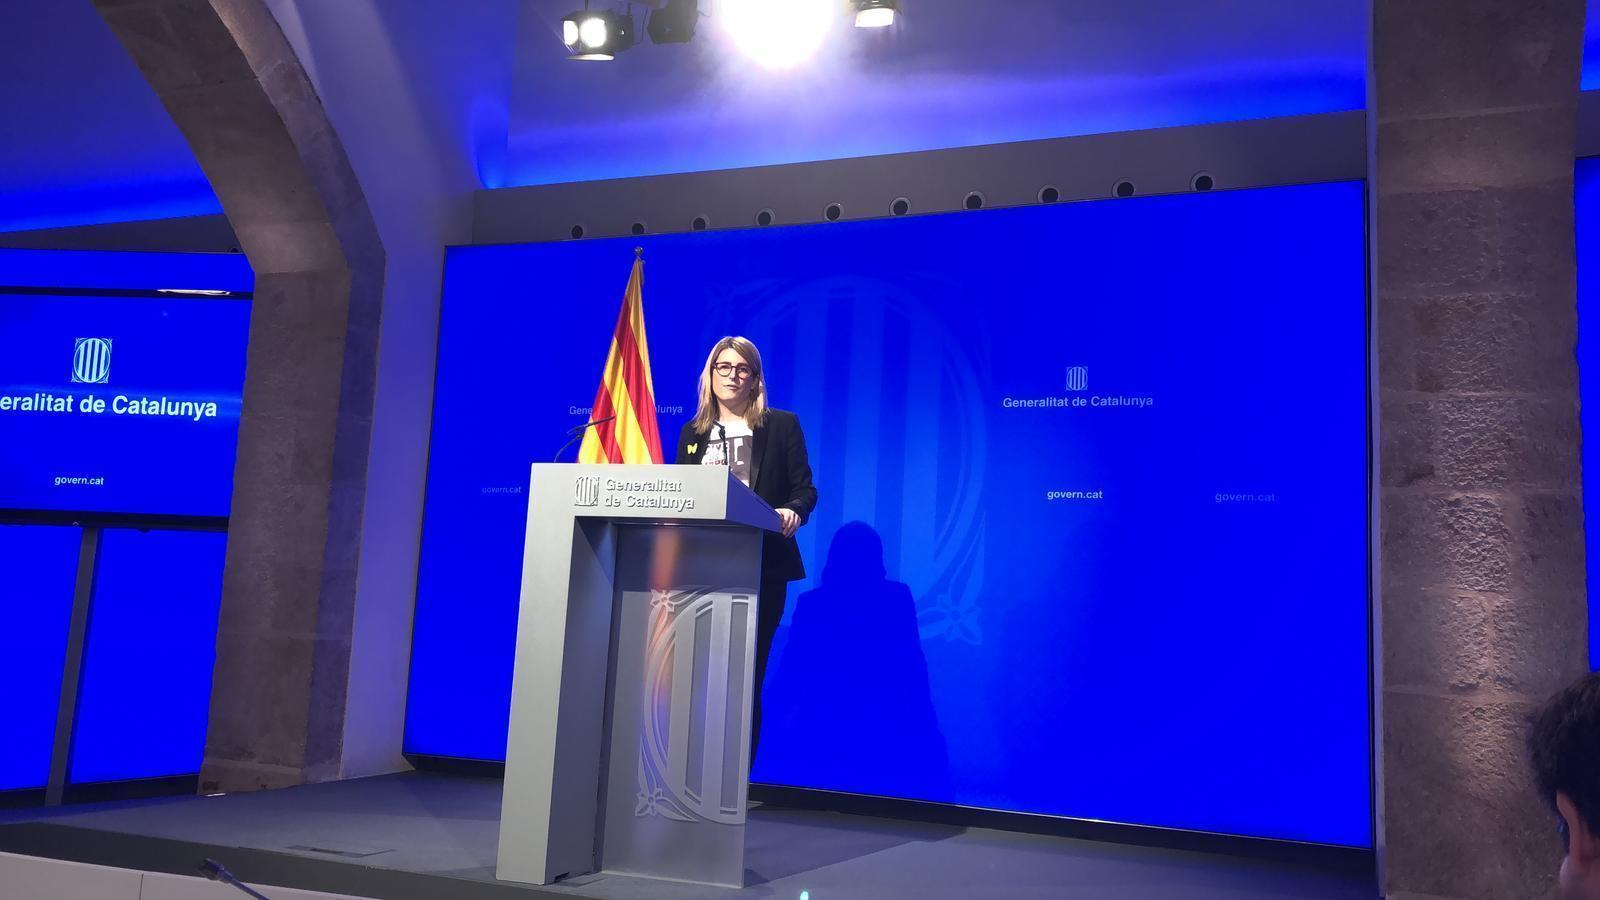 """El Govern veu una """"provocació"""" el consell de ministres a Barcelona i afirma que la gent """"té dret a protestar"""""""